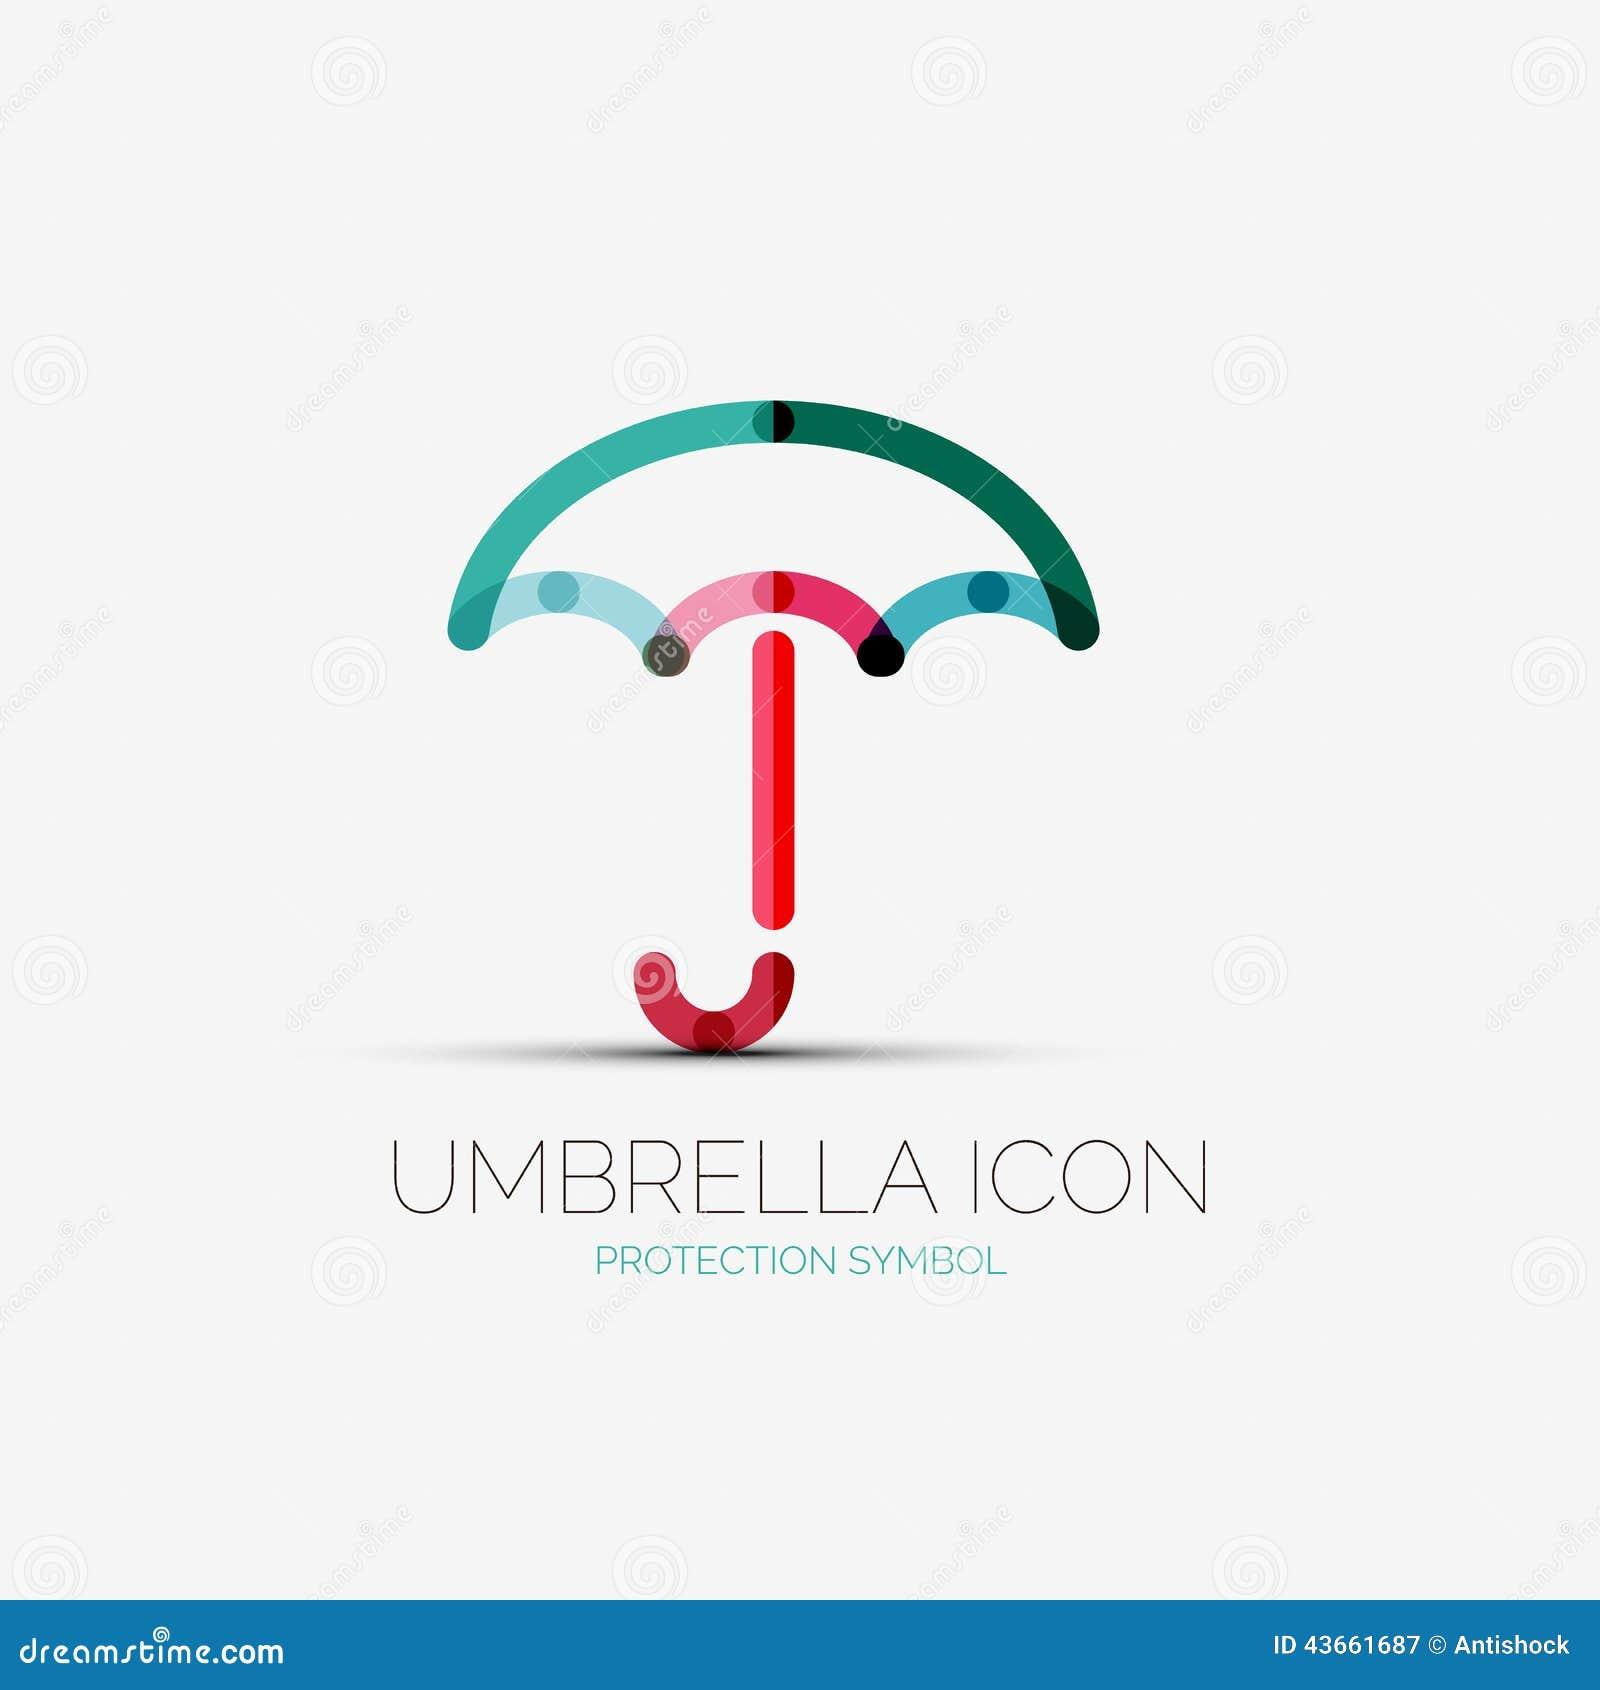 Umbrella Protection Company Logo Concept Stock Vector